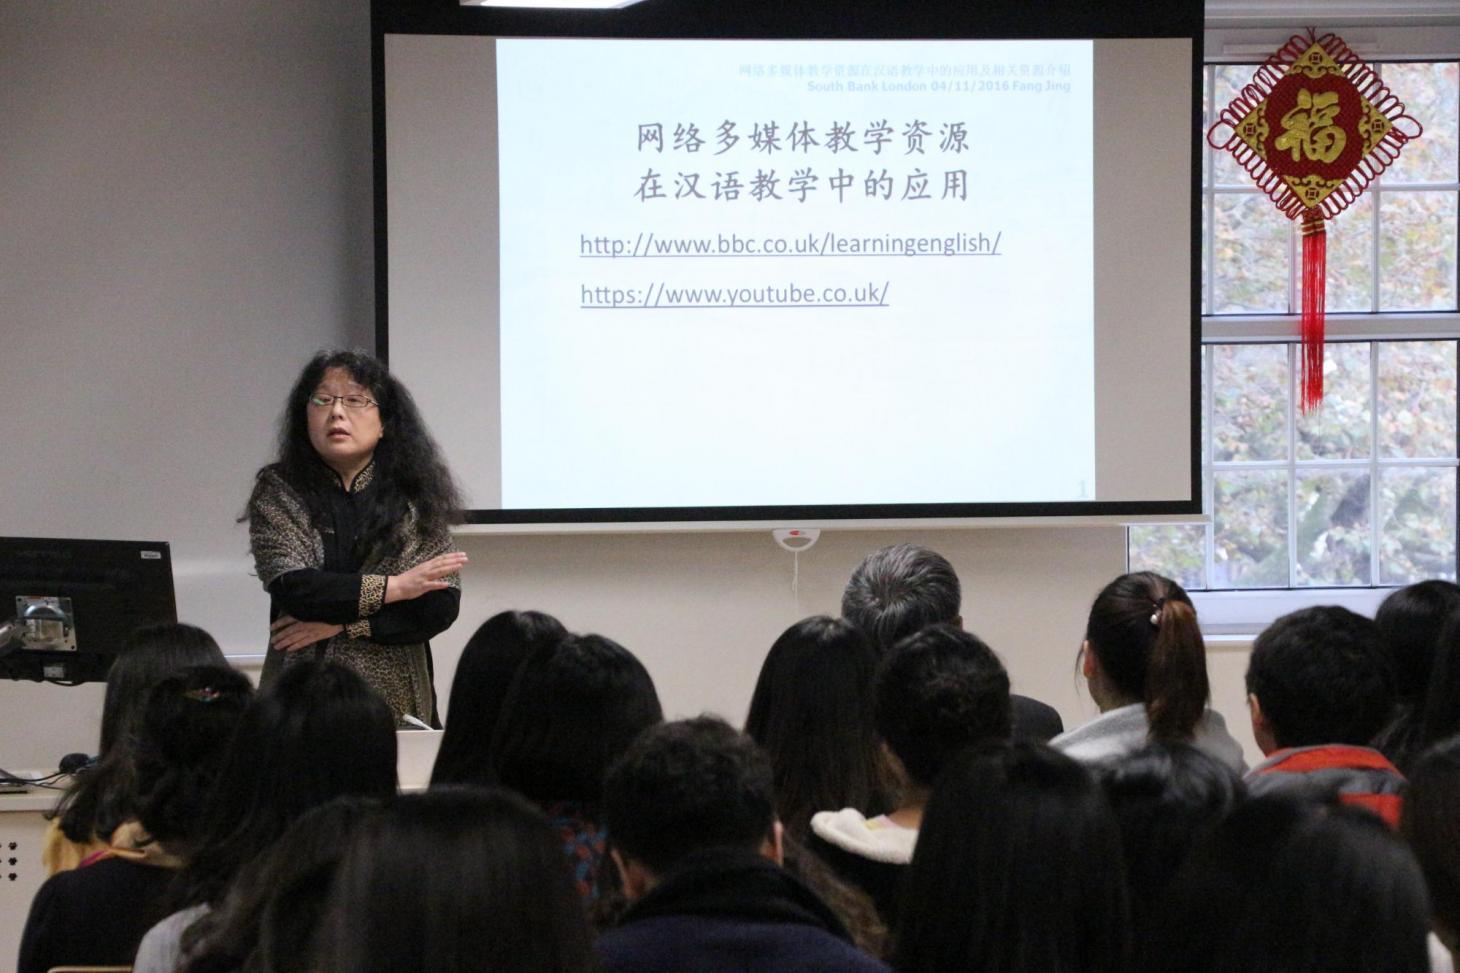 Ms Fangjing from Oxford University